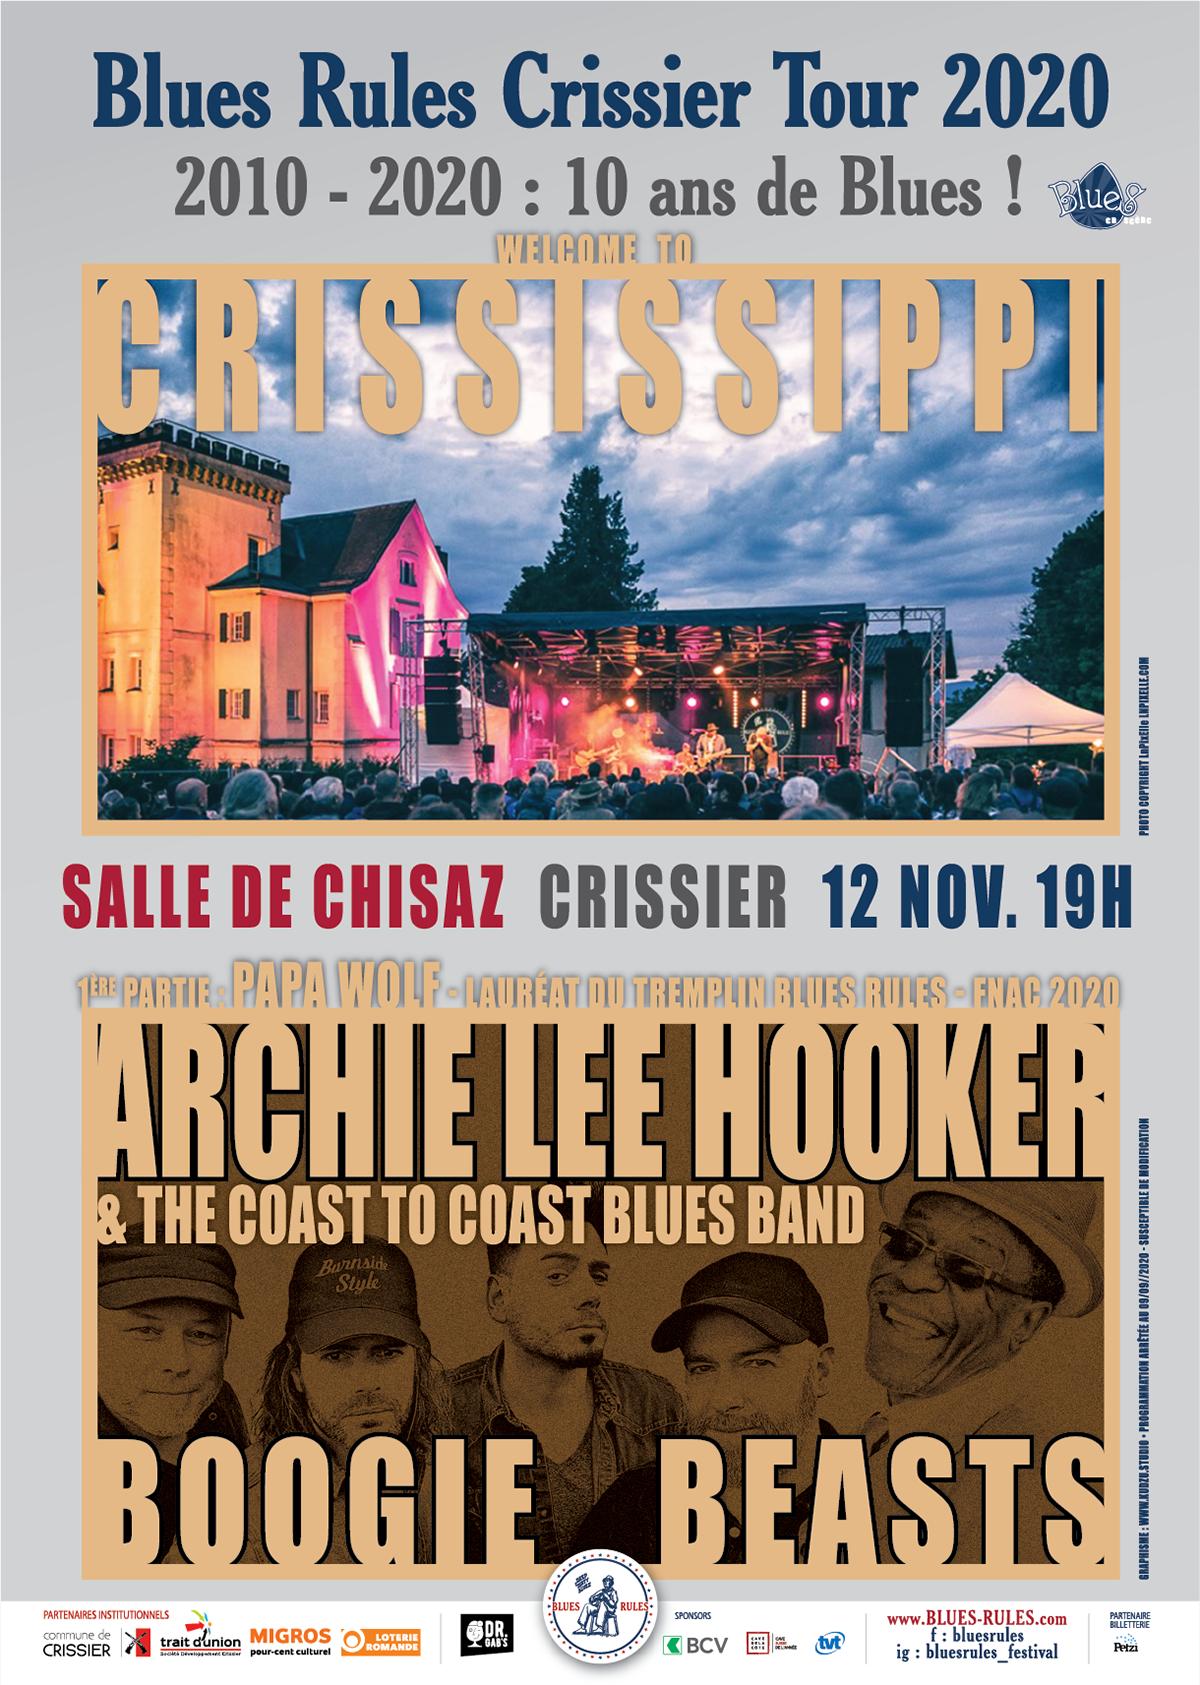 Blues Rules Crississippi Tour 2020 crissier